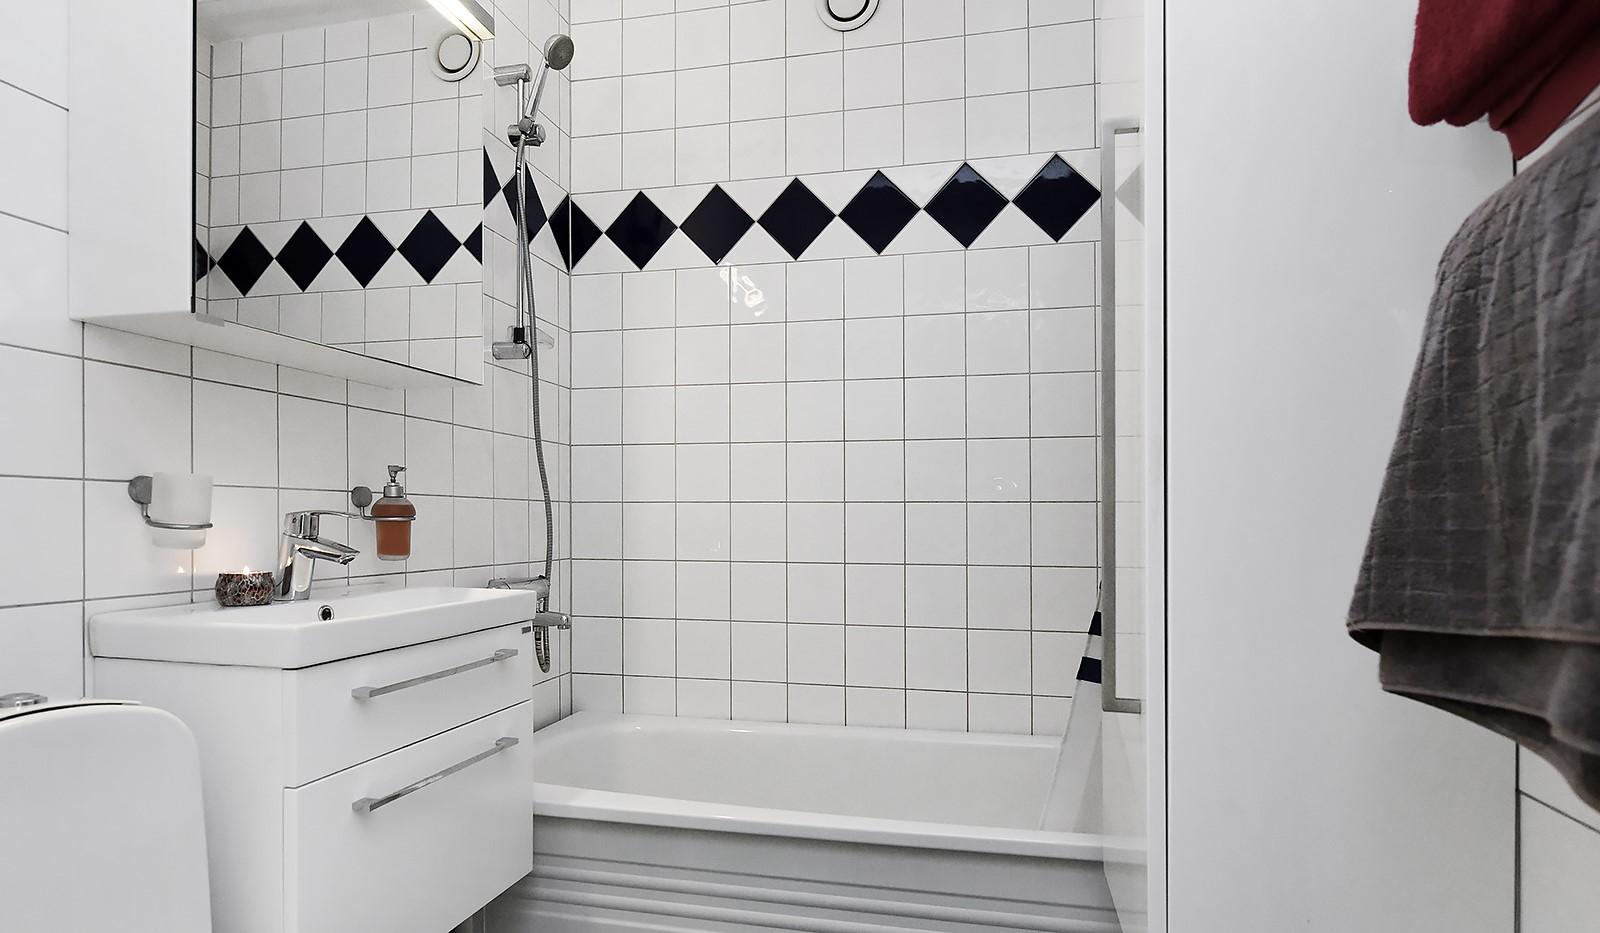 Sandfjärdsgatan 11, 2 tr - Stambytt helkaklat badrum